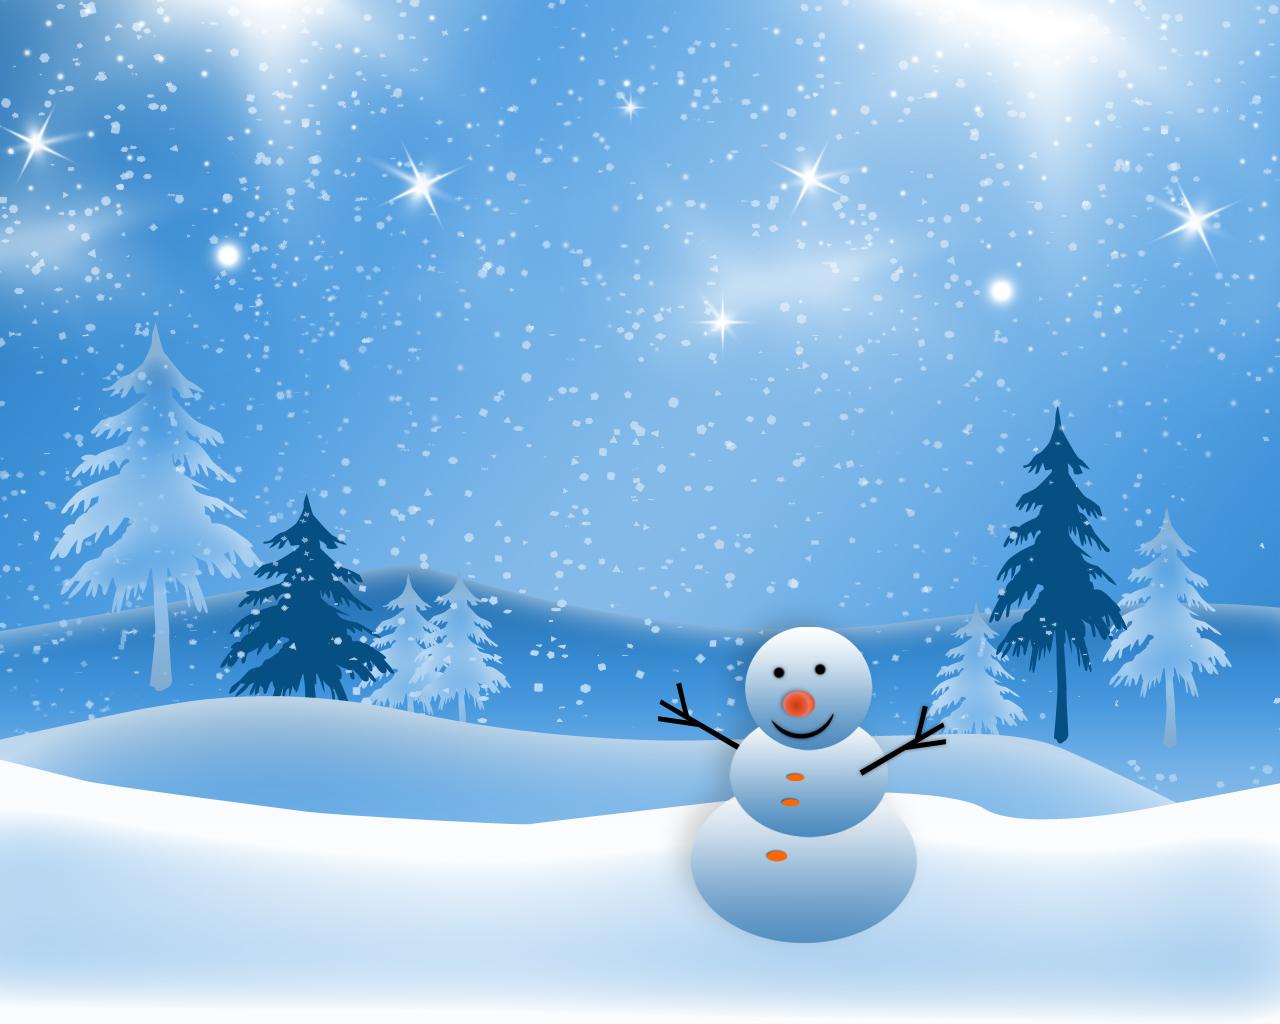 cute winter desktop wallpaper   wwwwallpapers in hdcom 1280x1024